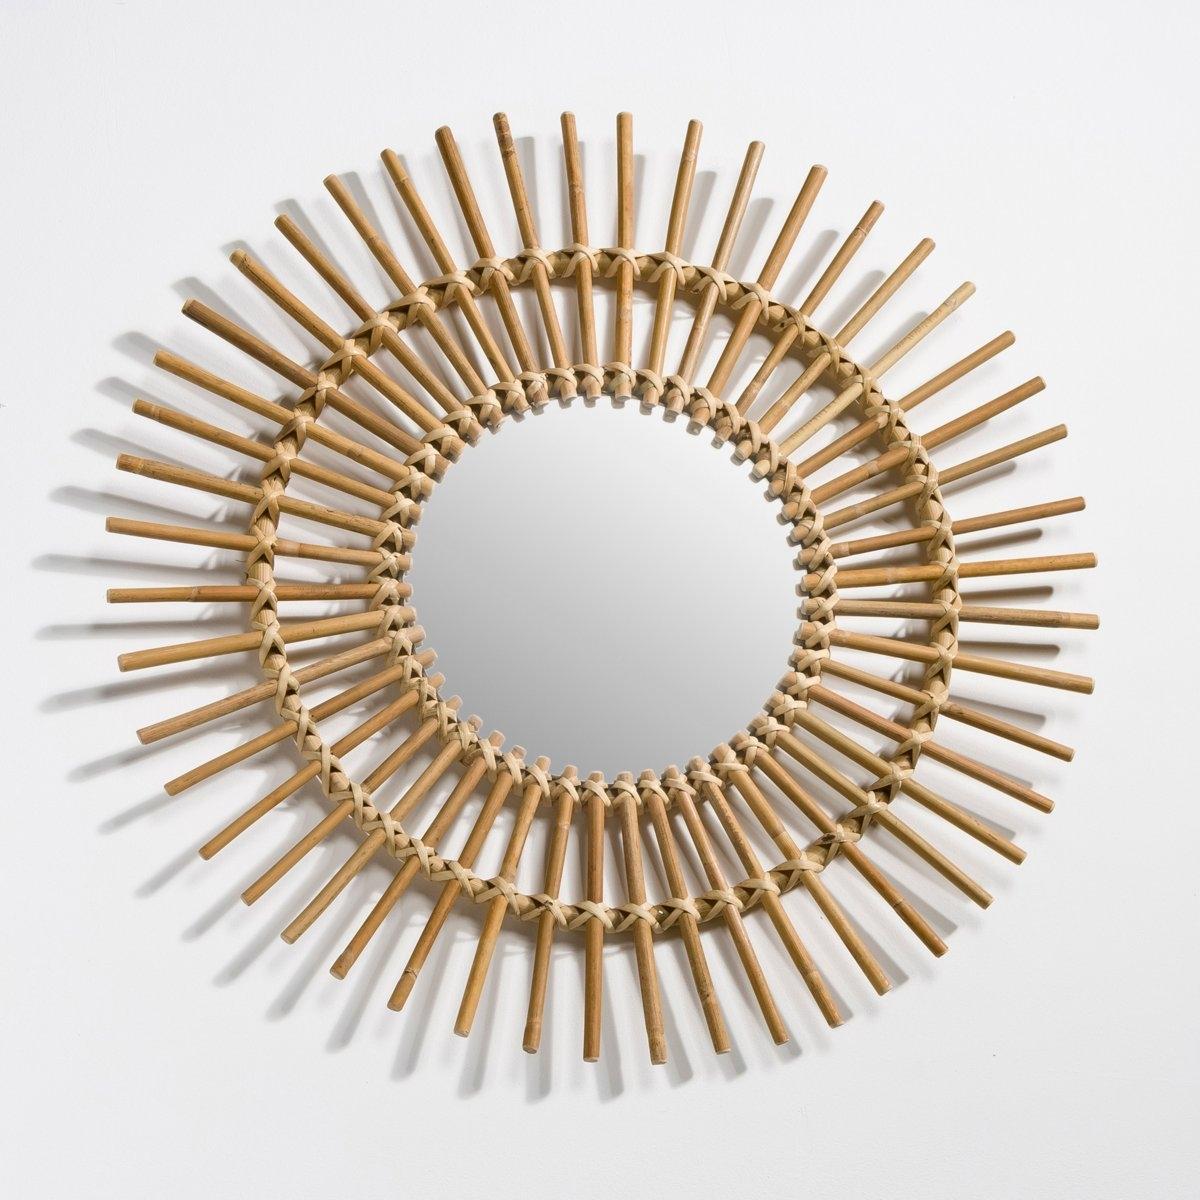 Винтажное зеркало NoguВинтажное зеркало Nogu в форме солнца. Воздушное винтажное зеркало Nogu прямо из 50-ых или 60-ых.      Описание зеркала Nogu:Настенные крепления, продаются отдельно.Характеристики зеркала Nogu:Натуральные ротанг и тростник.Отделка натурального цвета.Найдите все вещи из коллекции Nogu на сайте laredoute.ru.  Размеры зеркала Nogu:    Зеркало: Диаметр: 26,5 см.Общие: Диаметр: 70 см.<br><br>Цвет: серо-бежевый